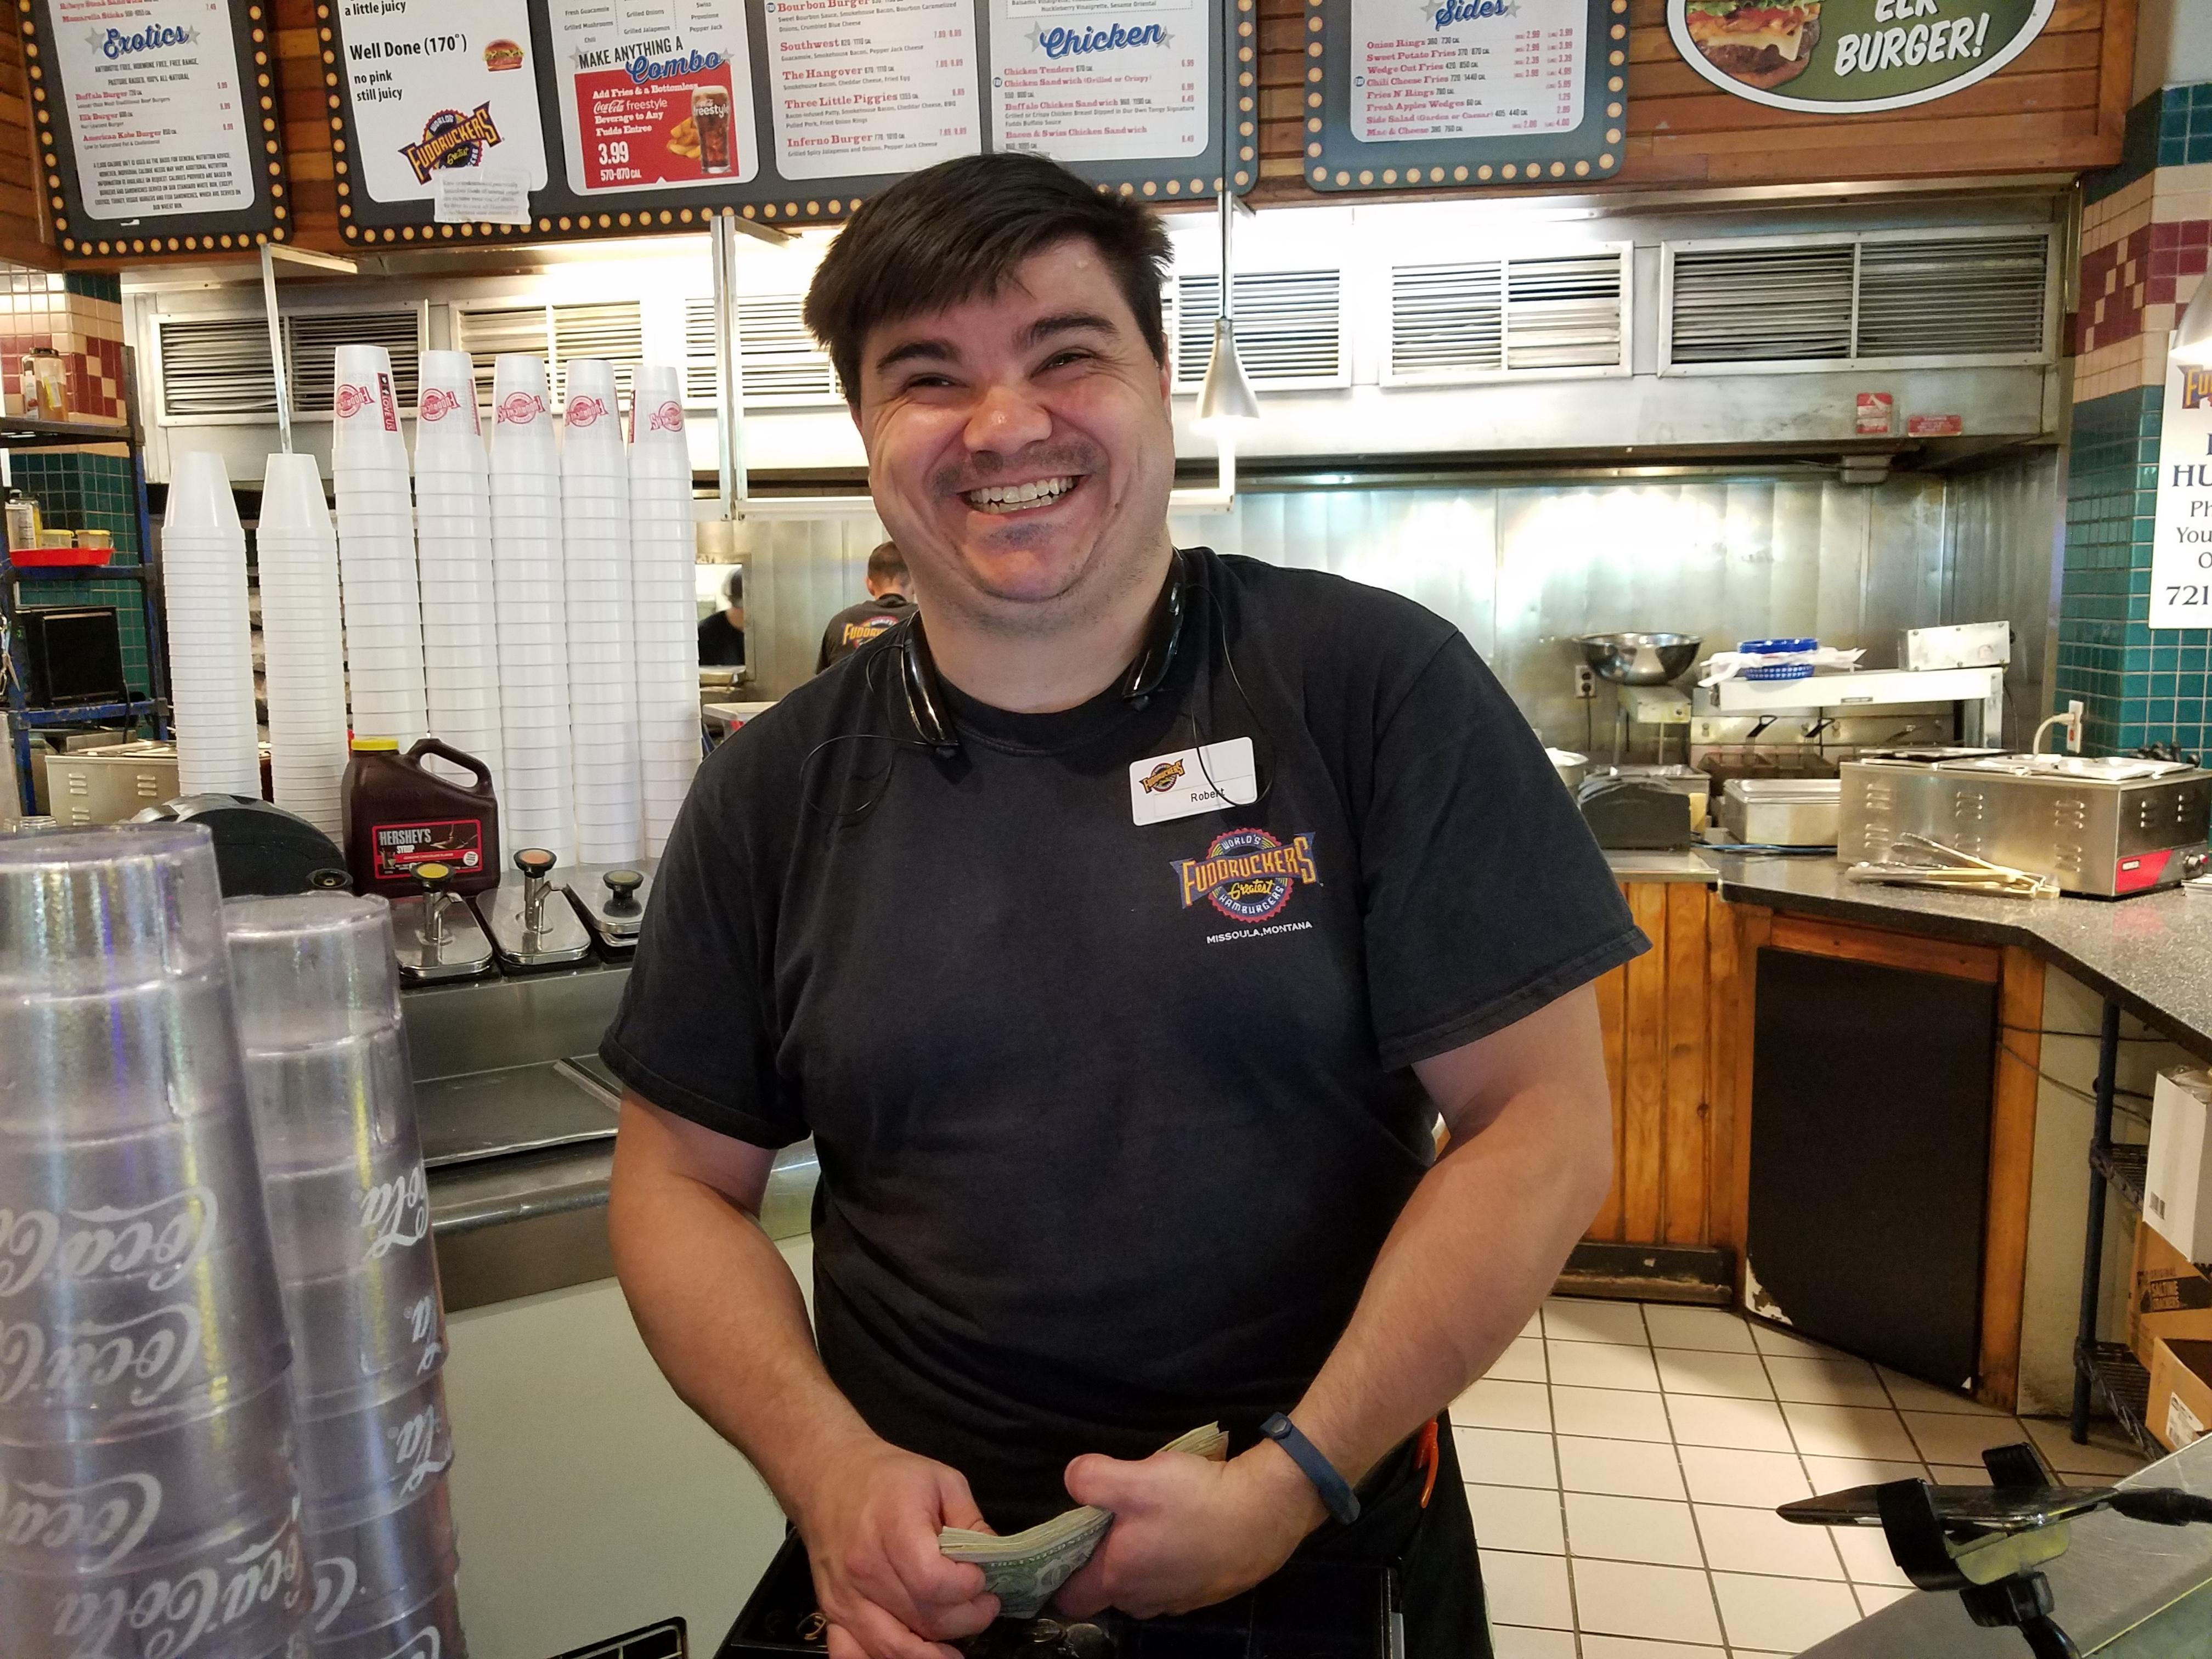 Robert Wilkins at the register in Fuddruckers, cash in hand.